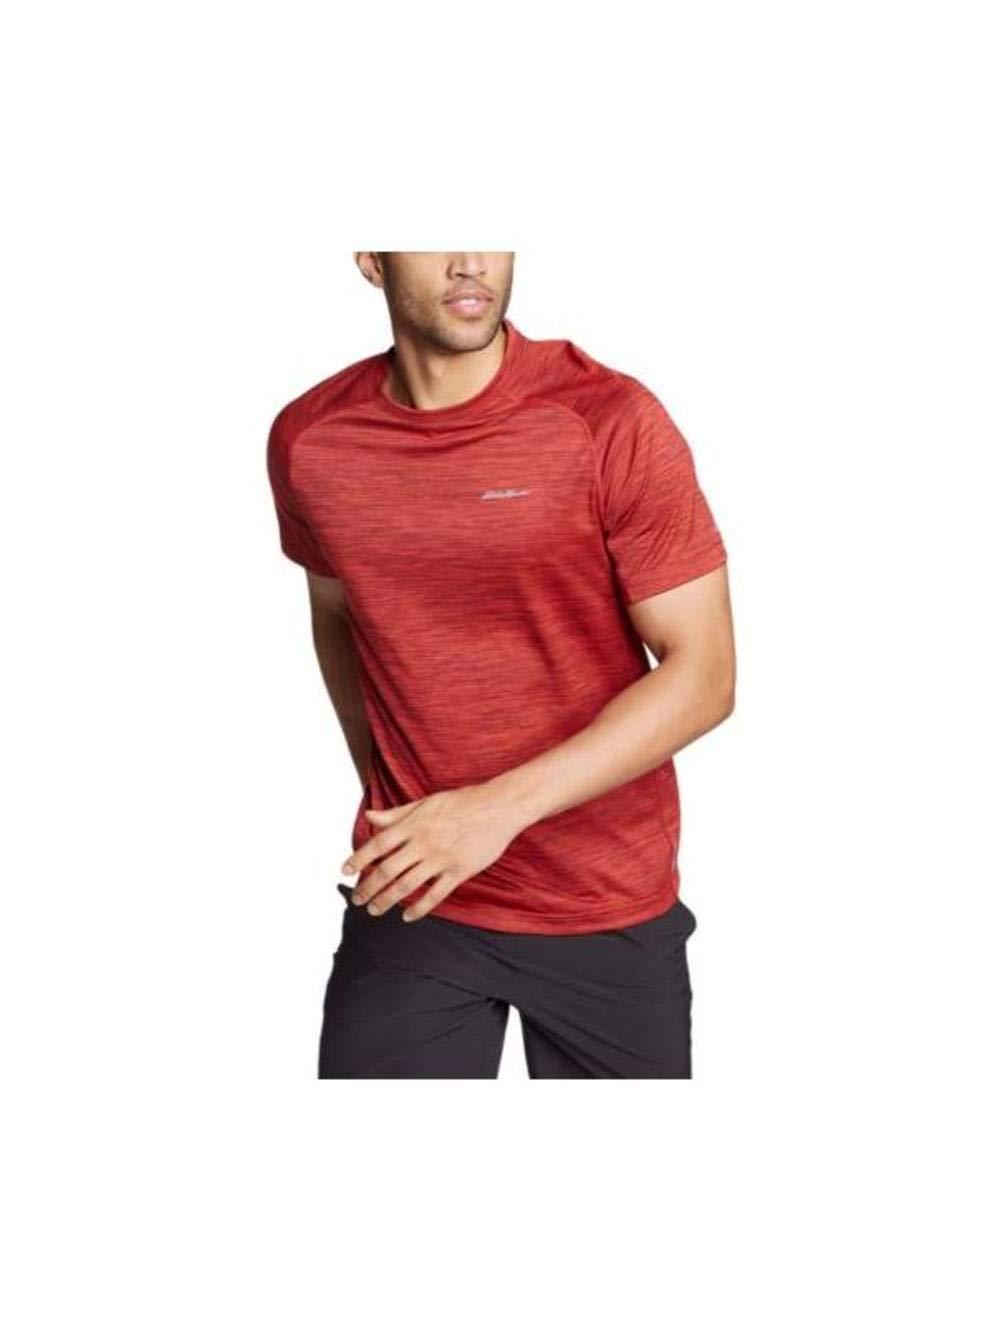 Eddie Bauer Men's Resolution Short-Sleeve T-Shirt, Mineral Red Regular S